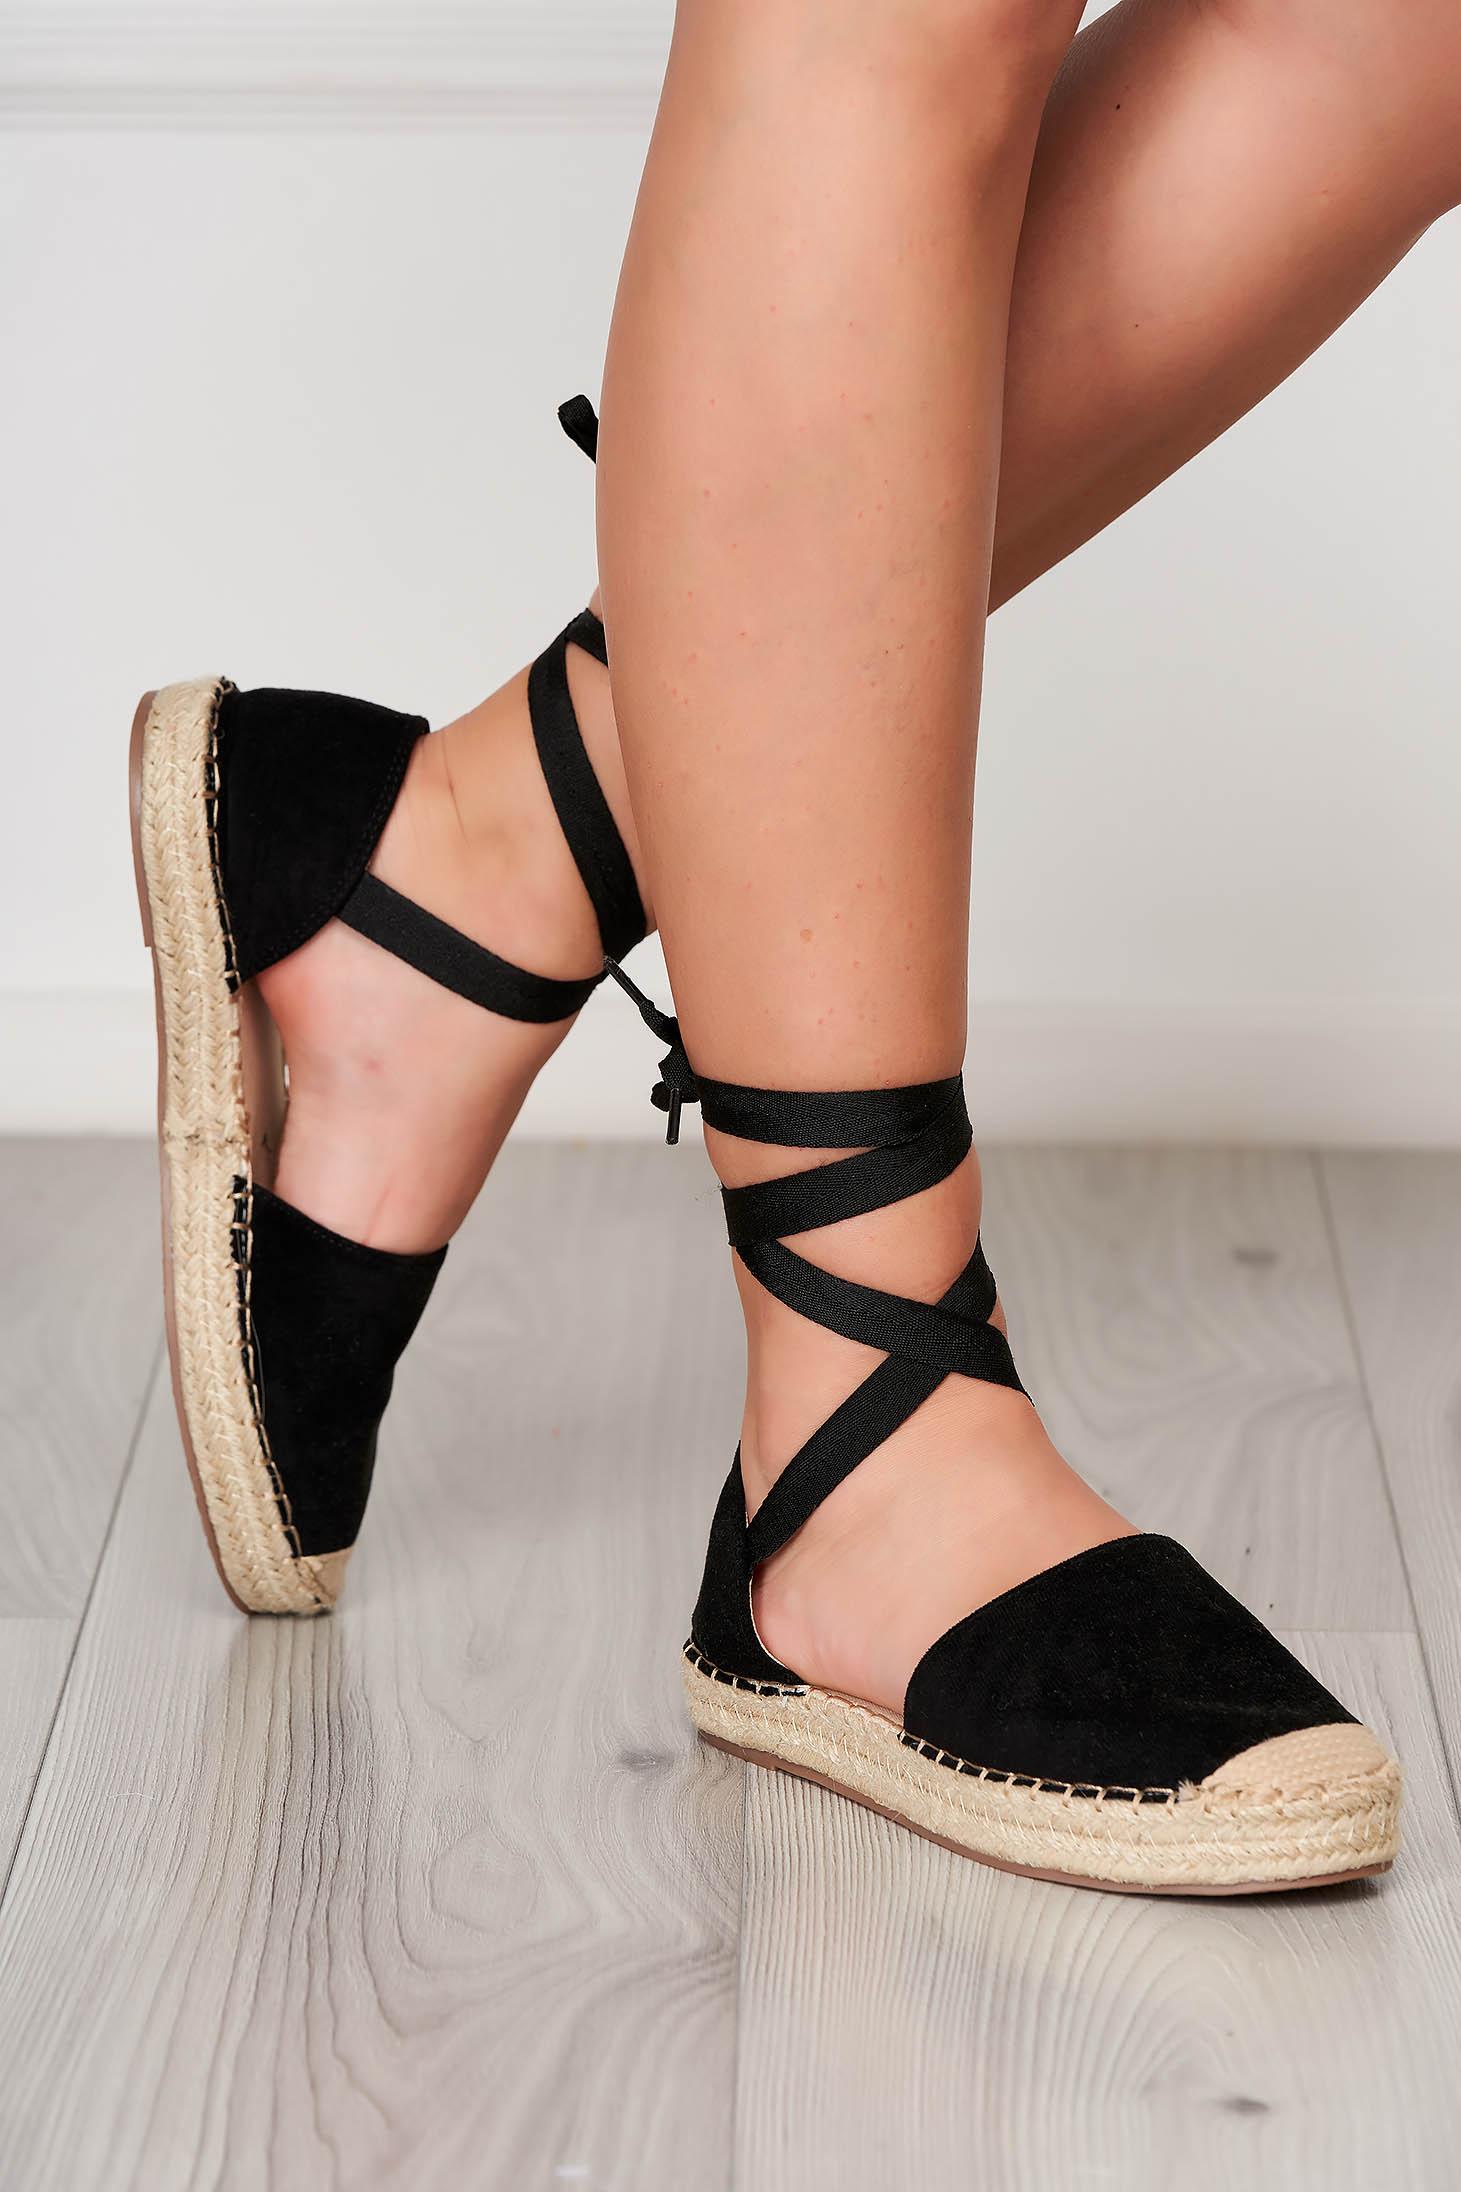 Black espadrilles beach wear low heel faux leather